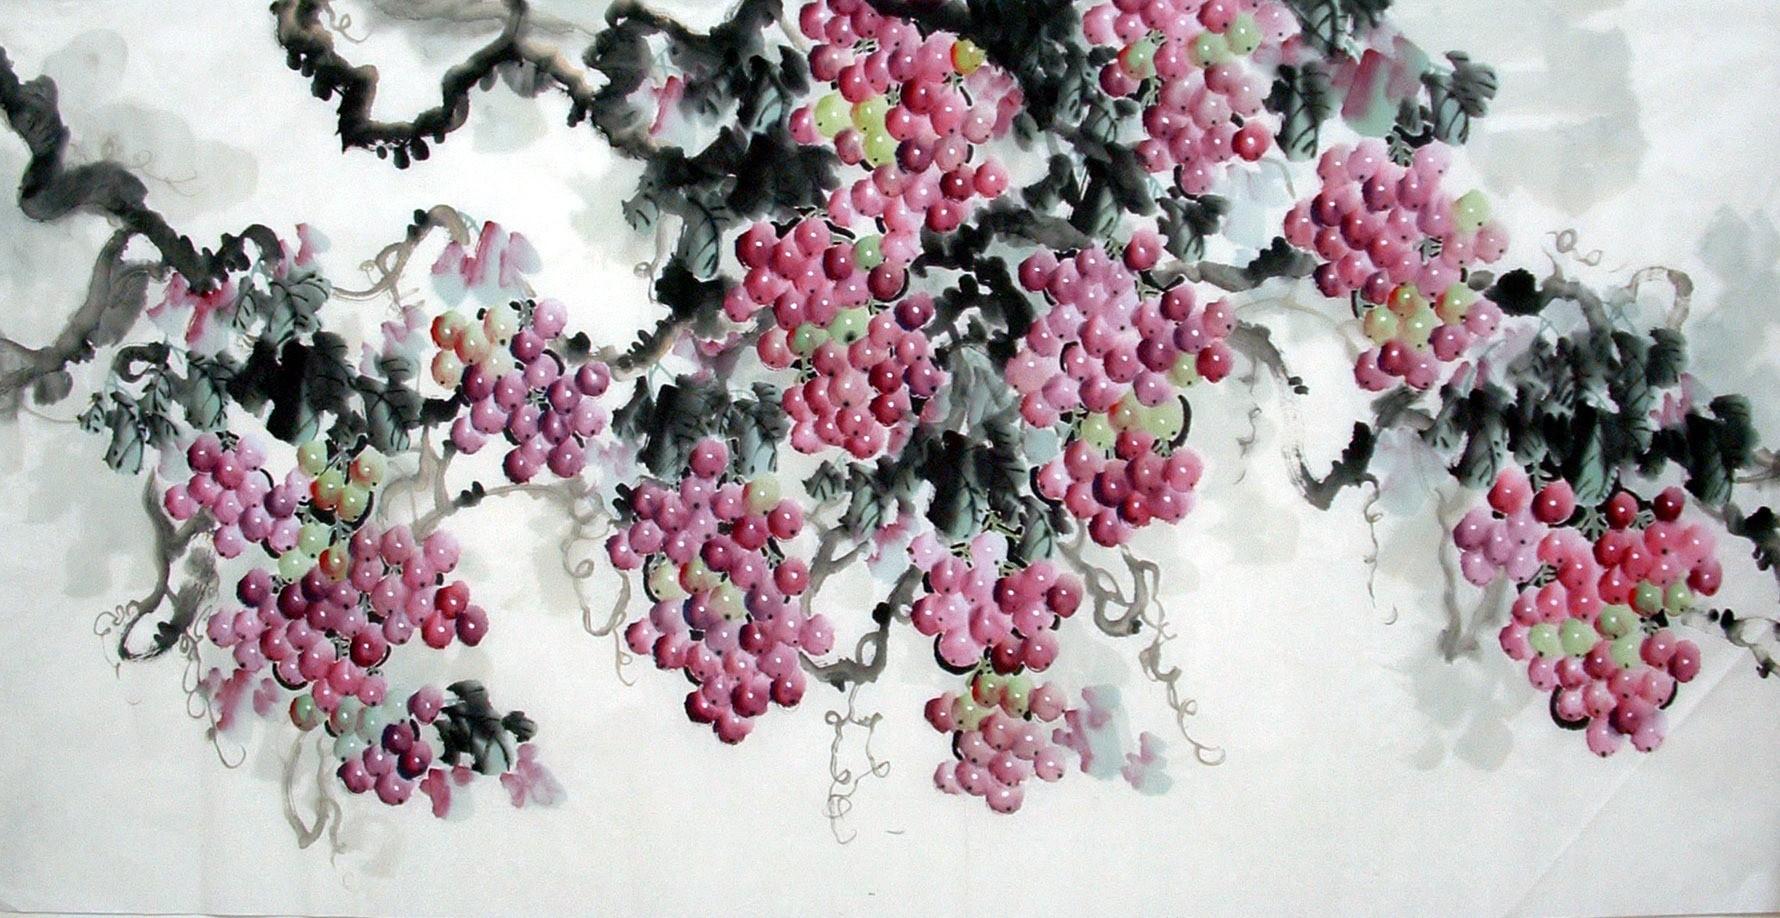 Chinese Grapes Painting - CNAG014367